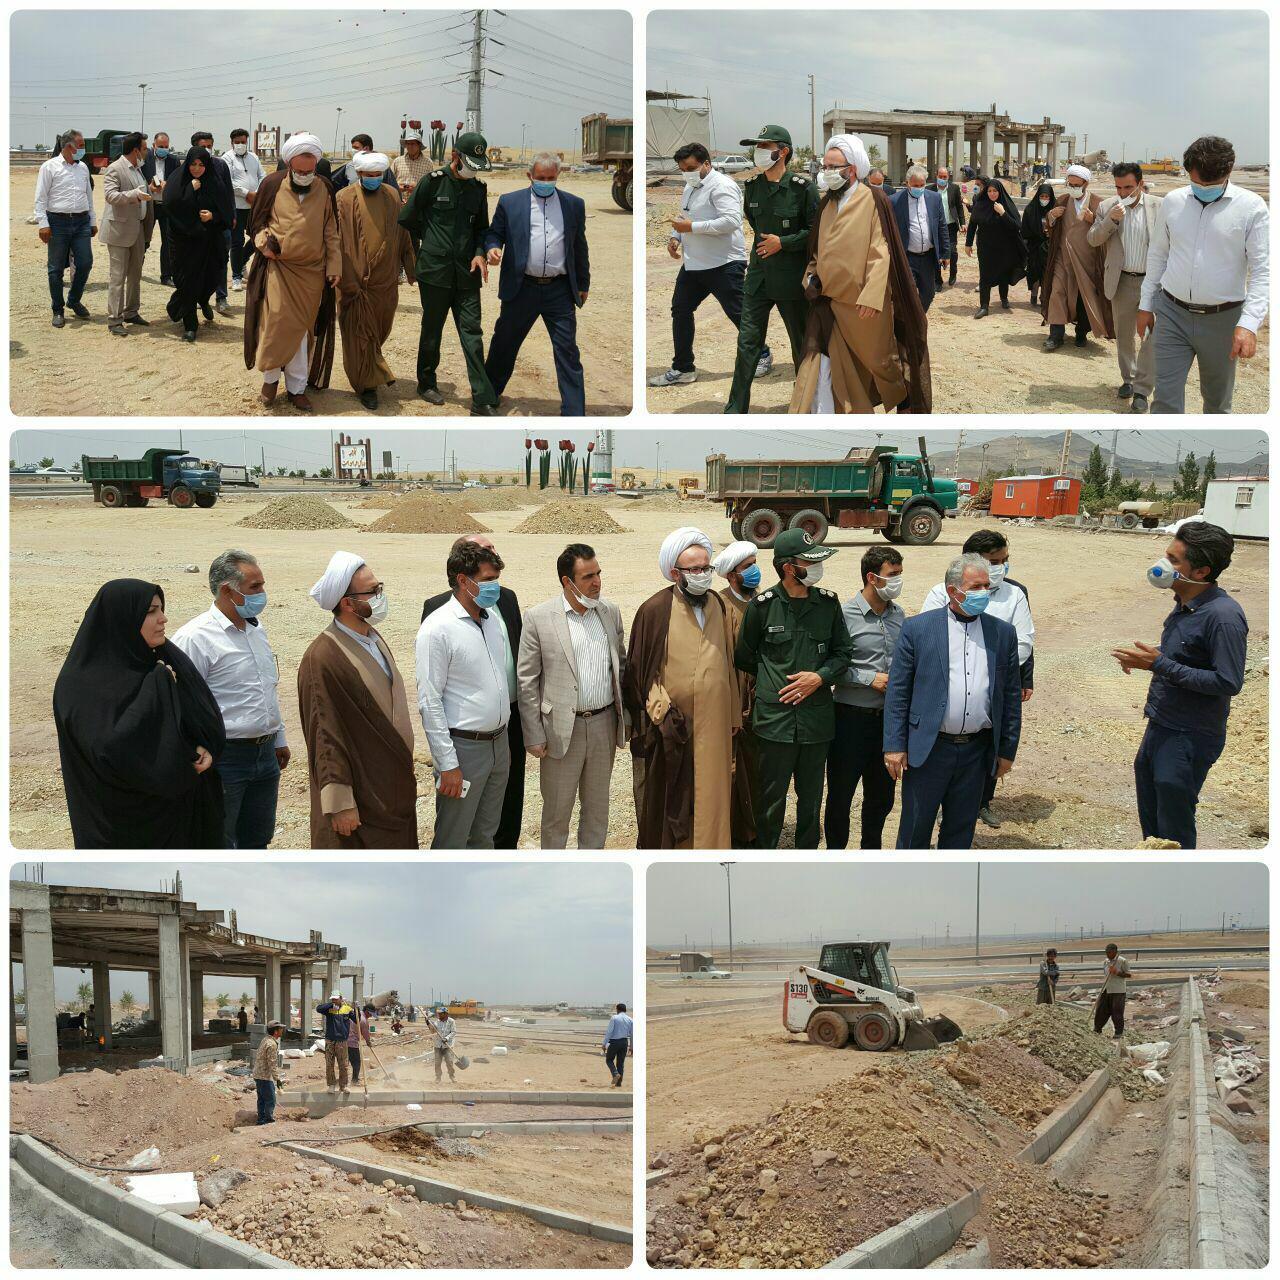 بازدید امام جمعه و مسئولان شهر پرند از بوستان بزرگ شهدای هسته ای